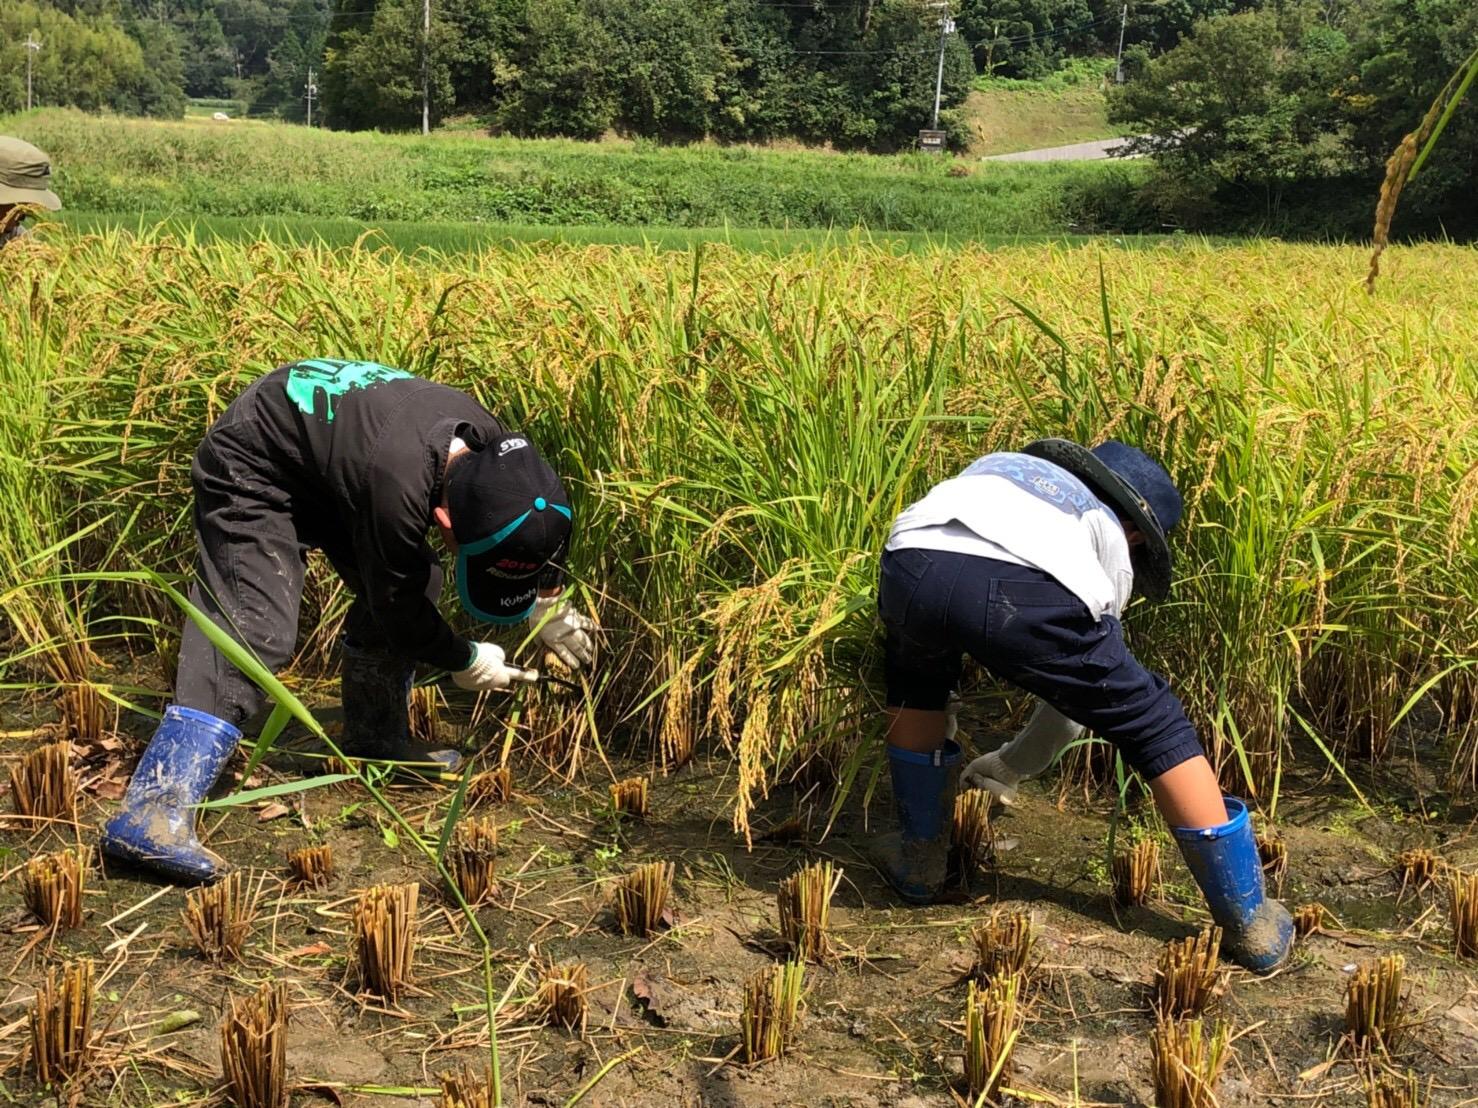 収穫祭 稲刈り体験 新米を食べつくす!